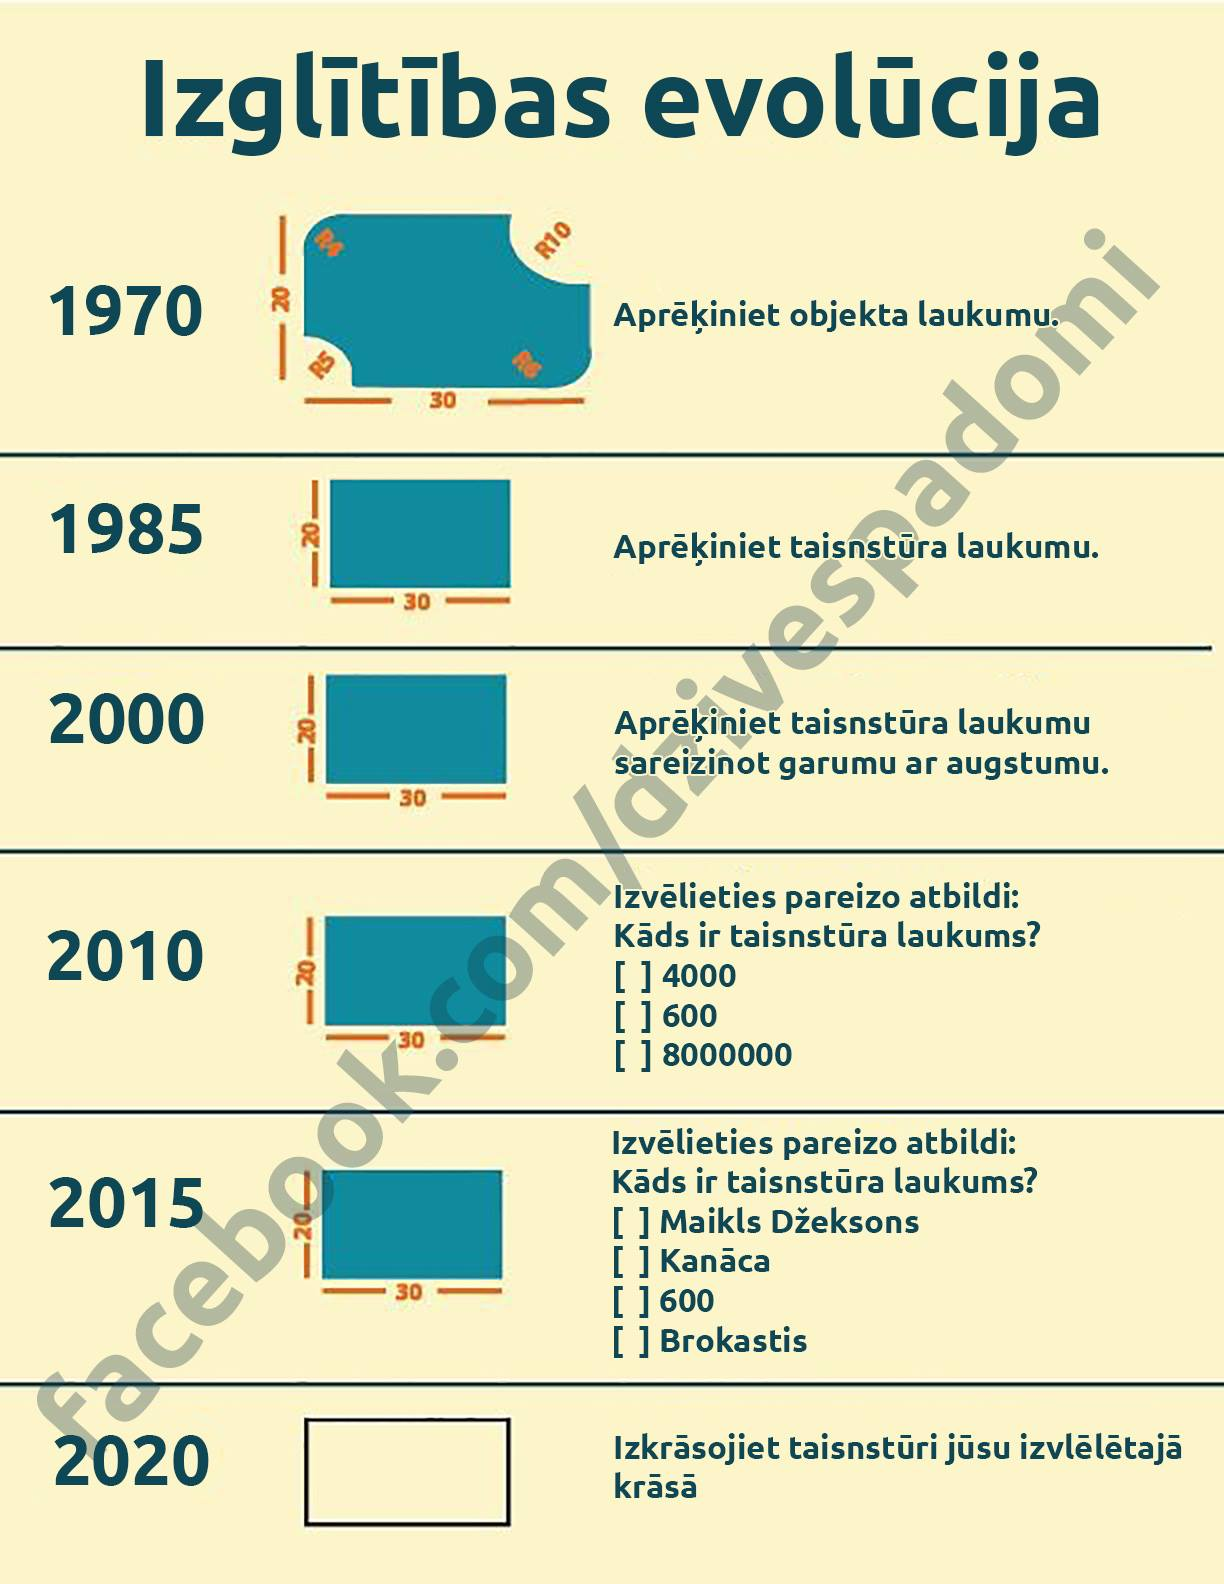 izglītības evolūcija